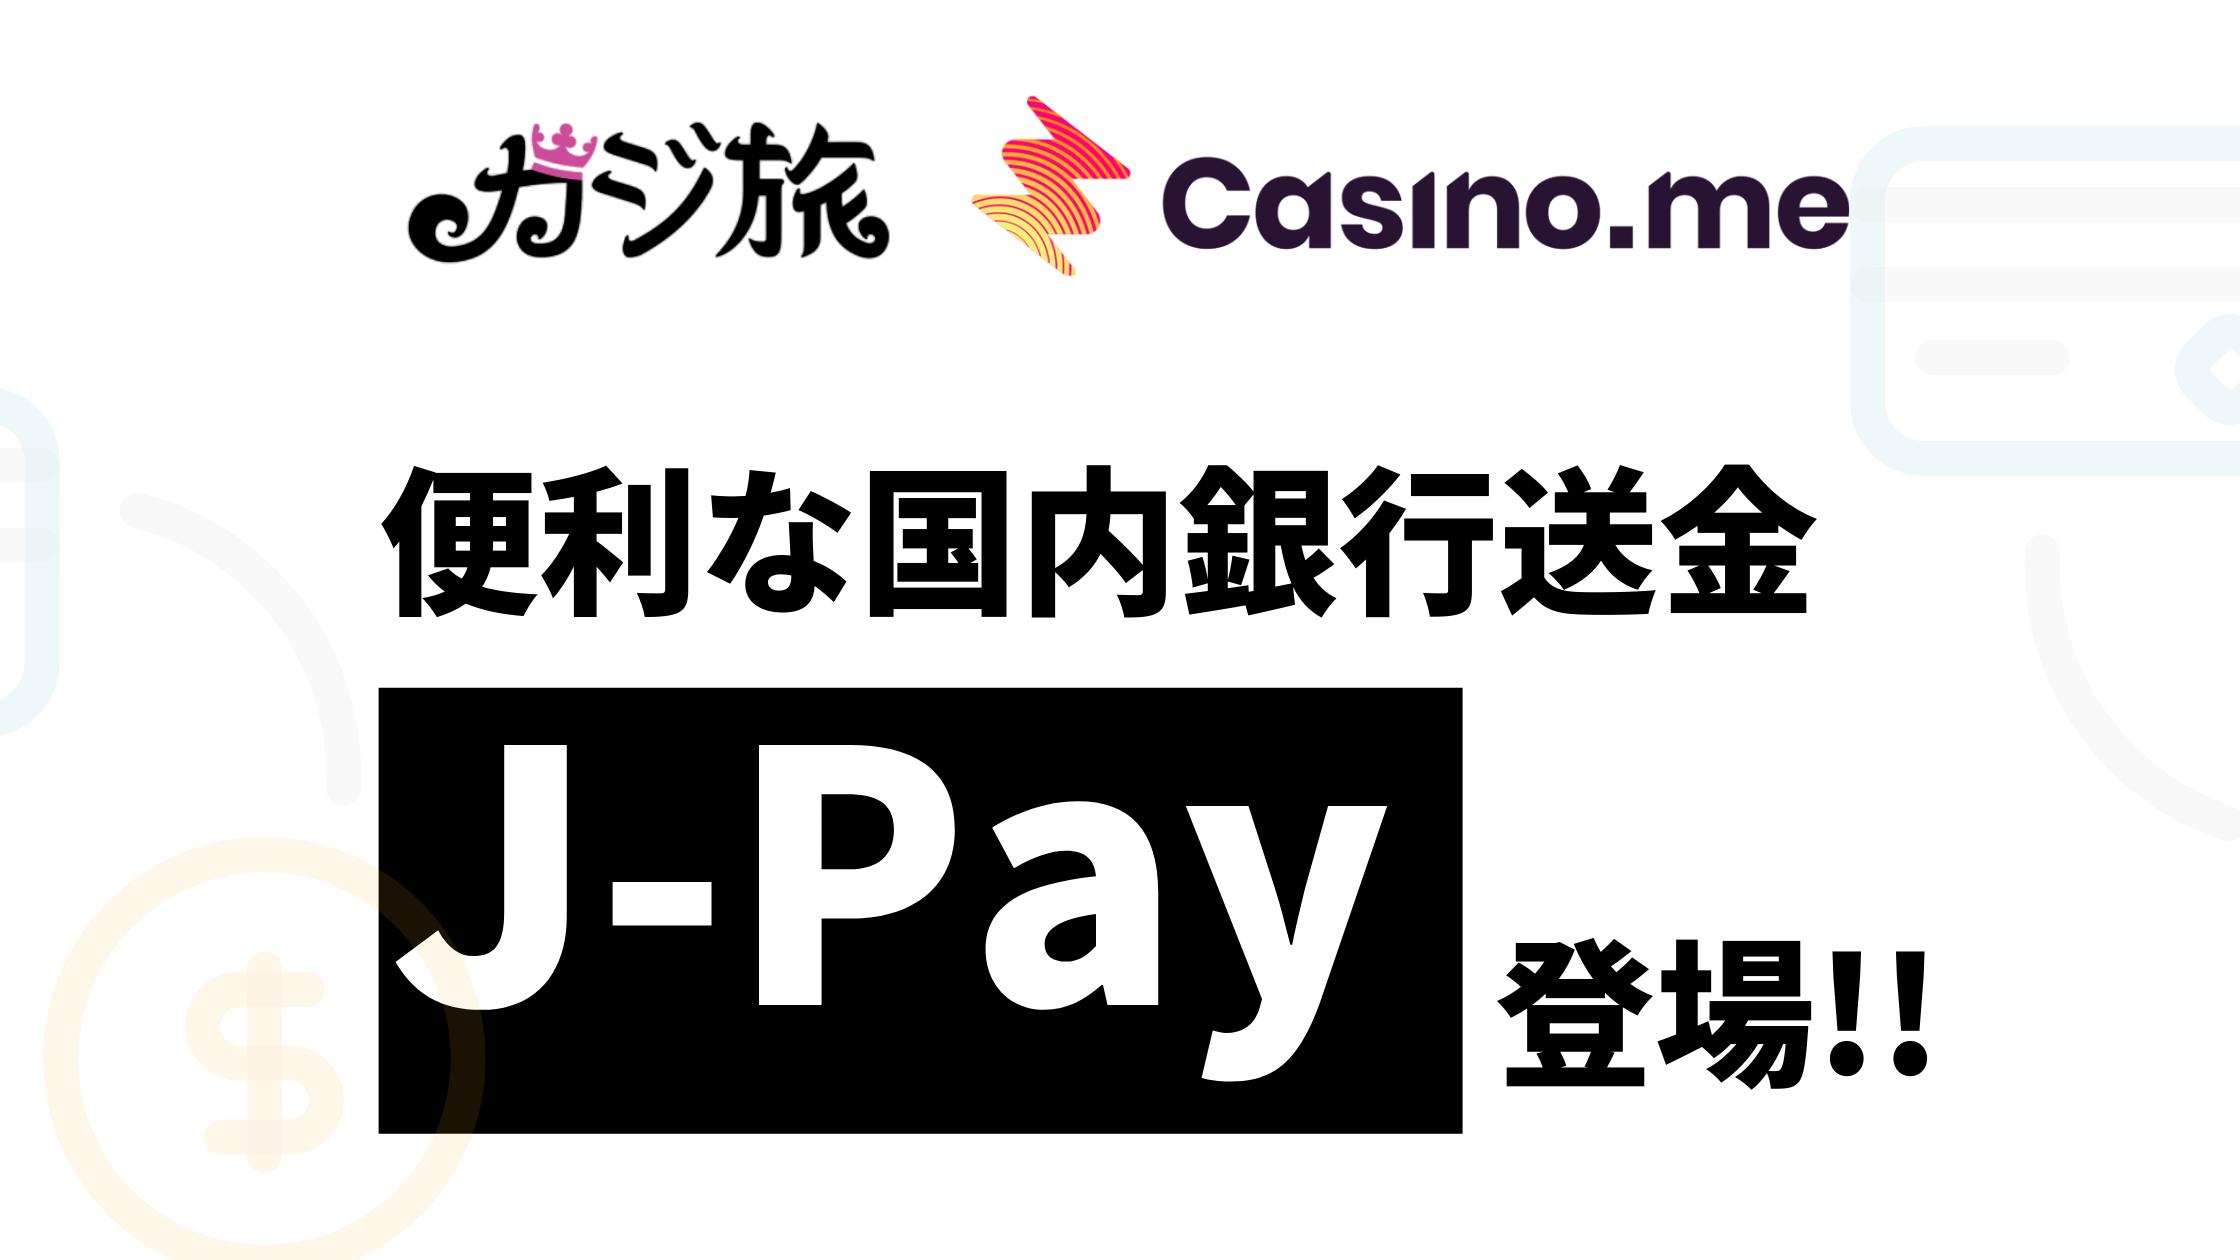 【カジ旅&カジノミー】銀行送金(J-Pay)が登場です!!手数料無料